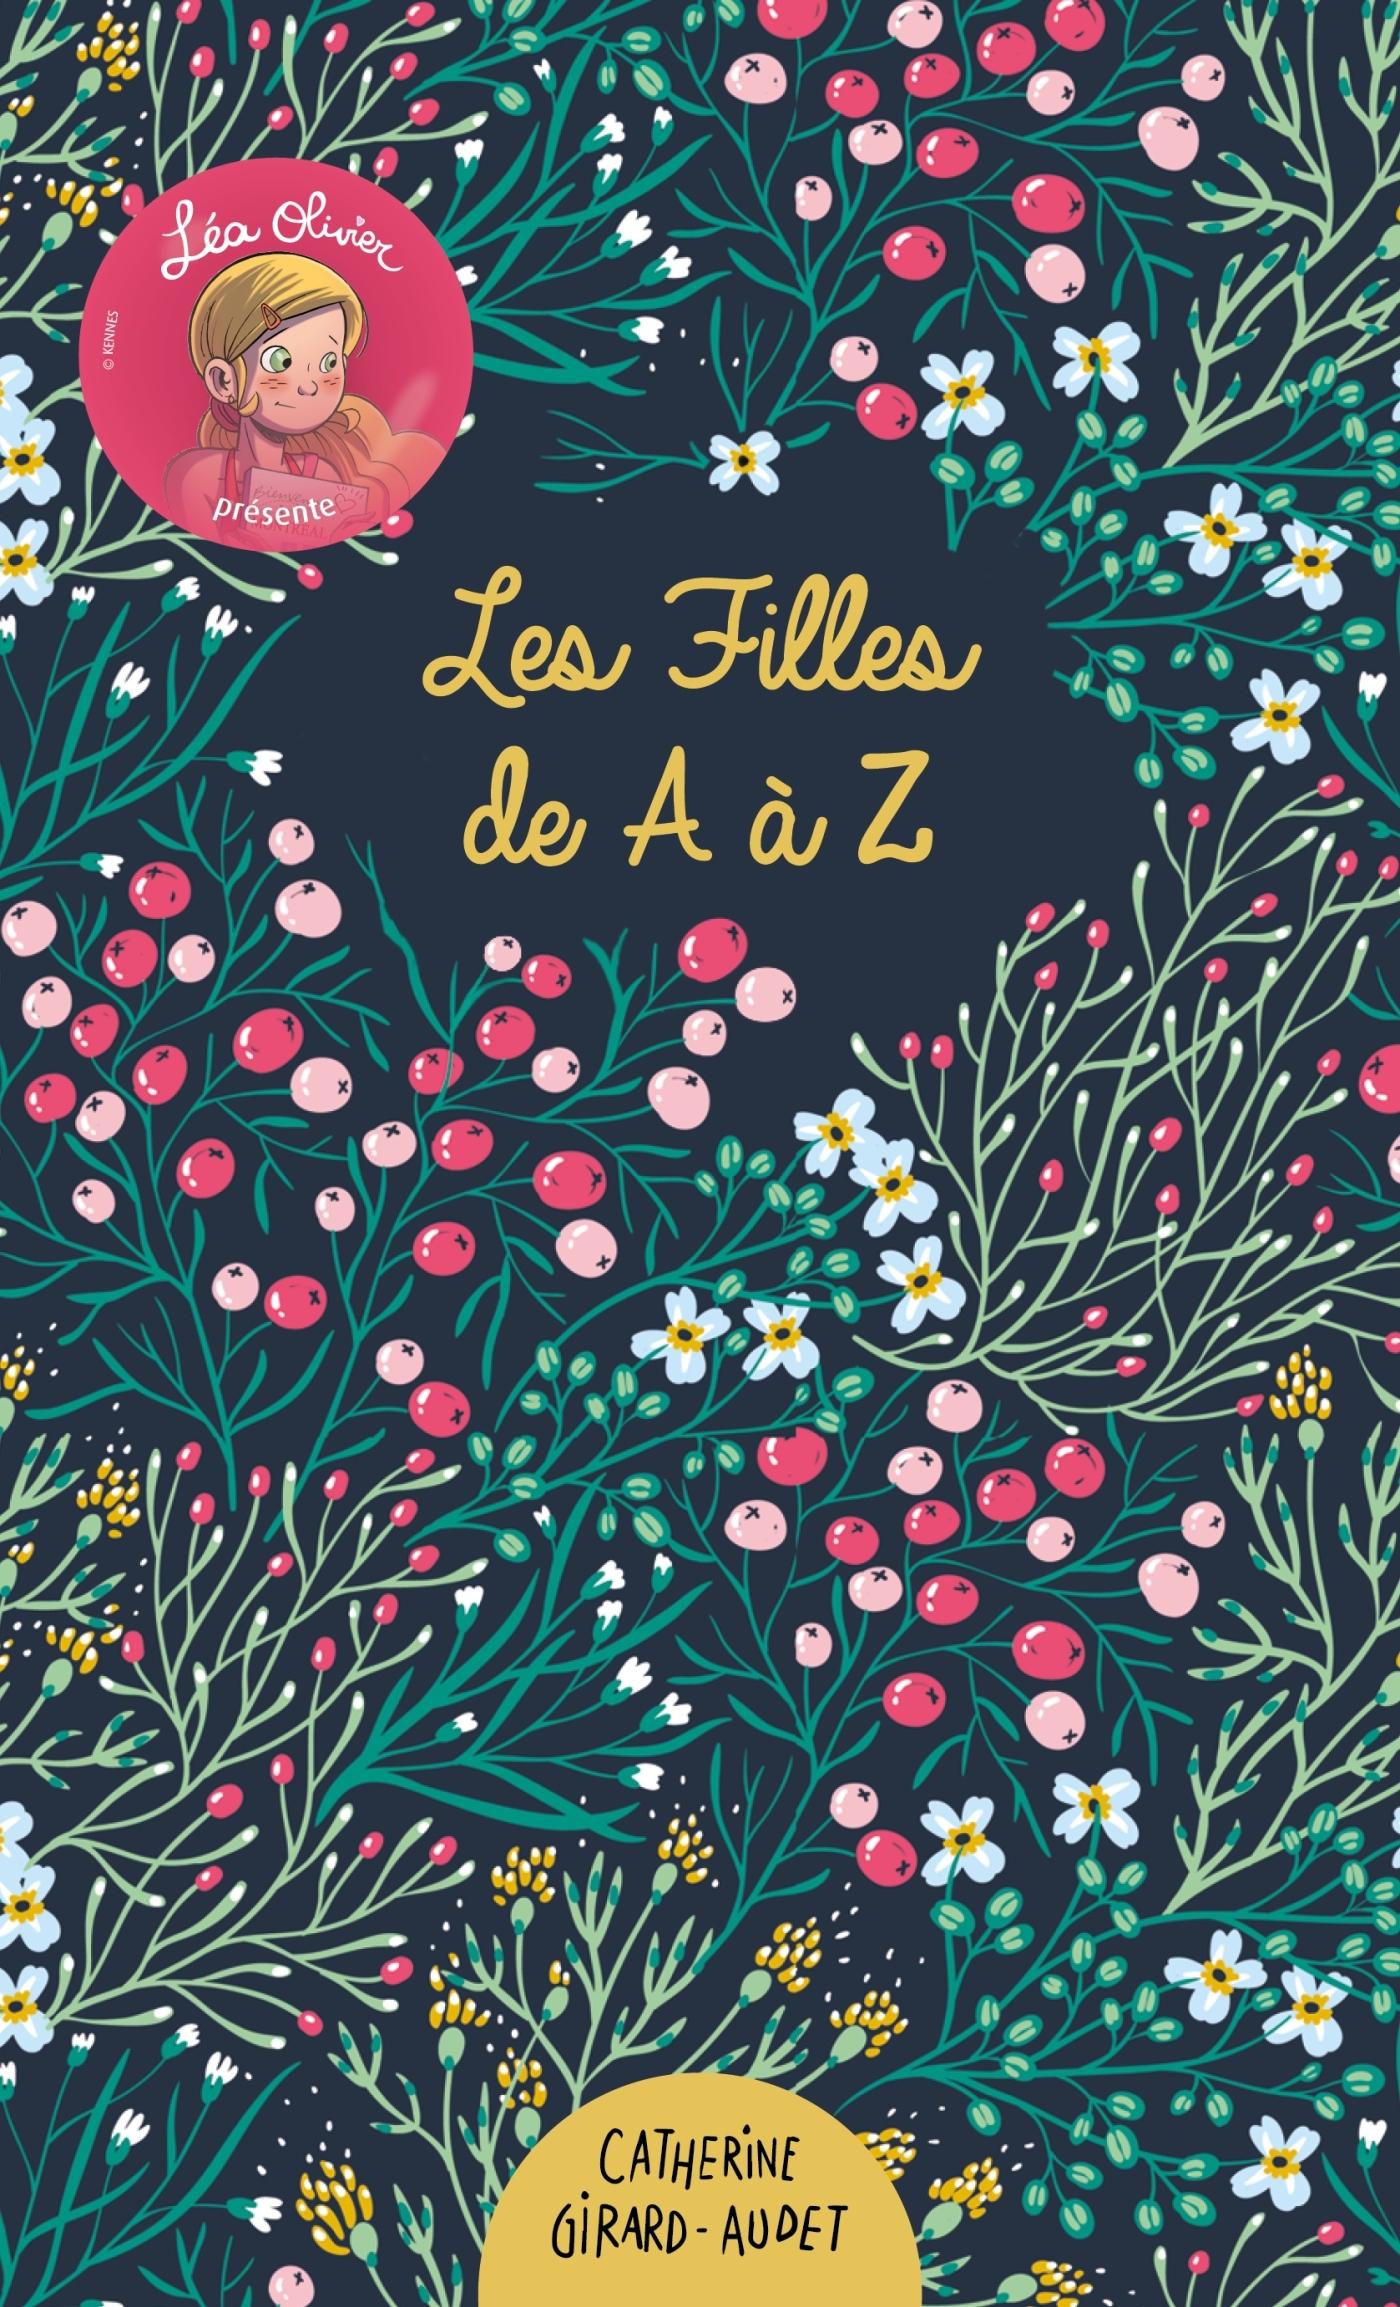 LEA OLIVIER PRESENTE : LES FILLES DE A A Z